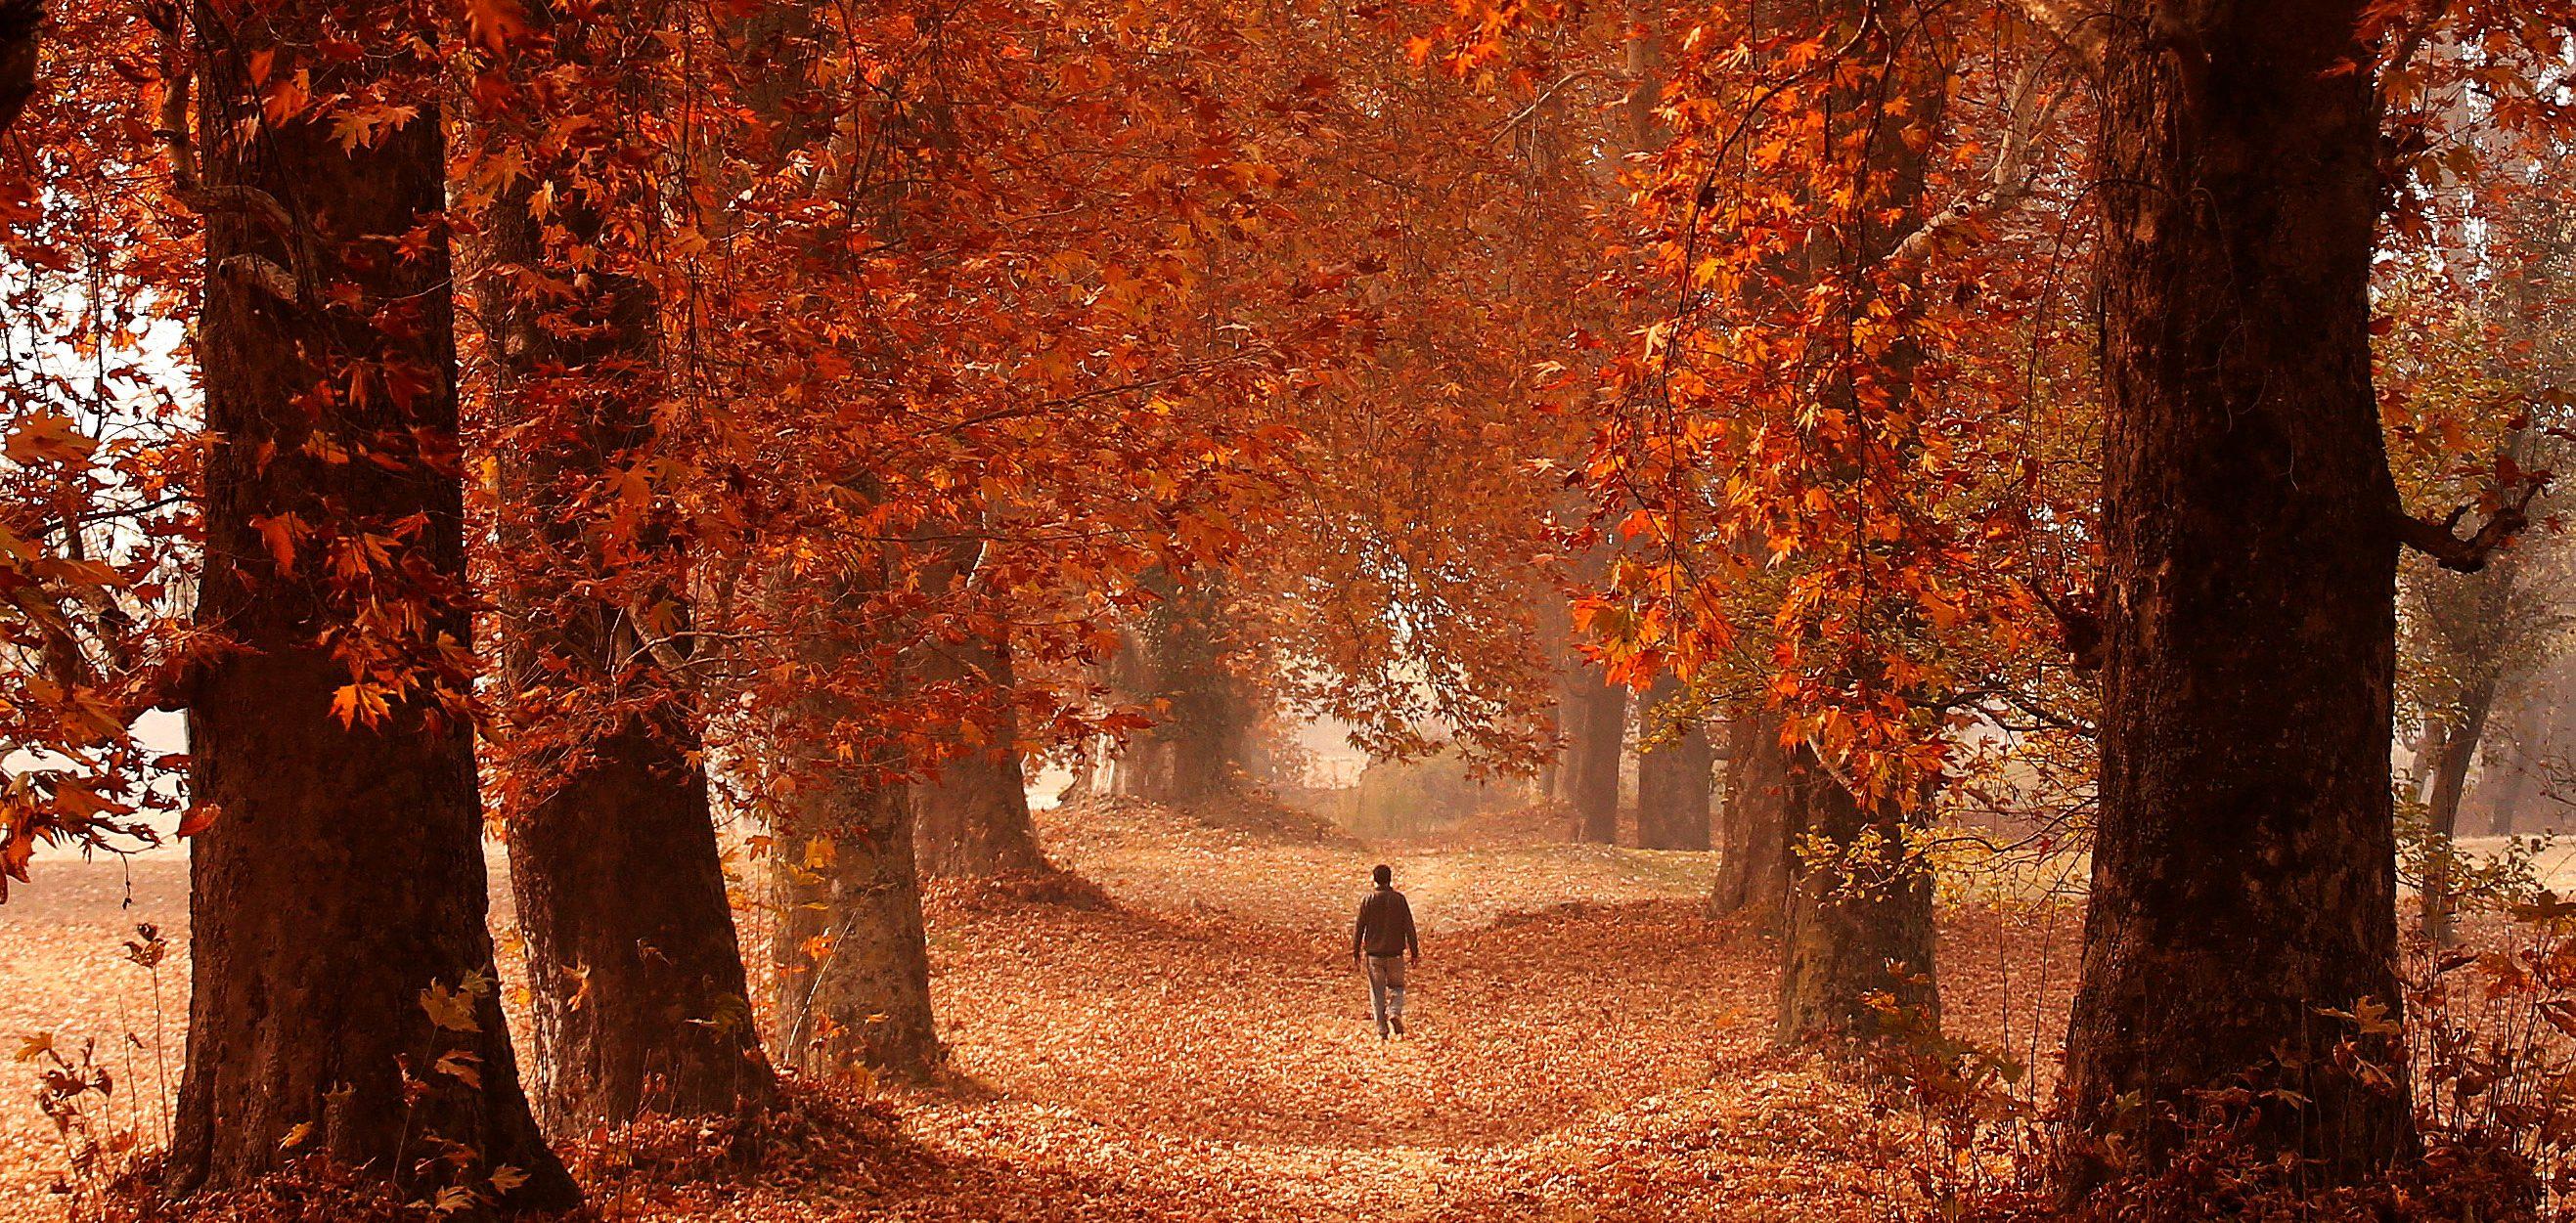 A man walks through a garden on an autumn day in Srinagar, India November 15, 2016.